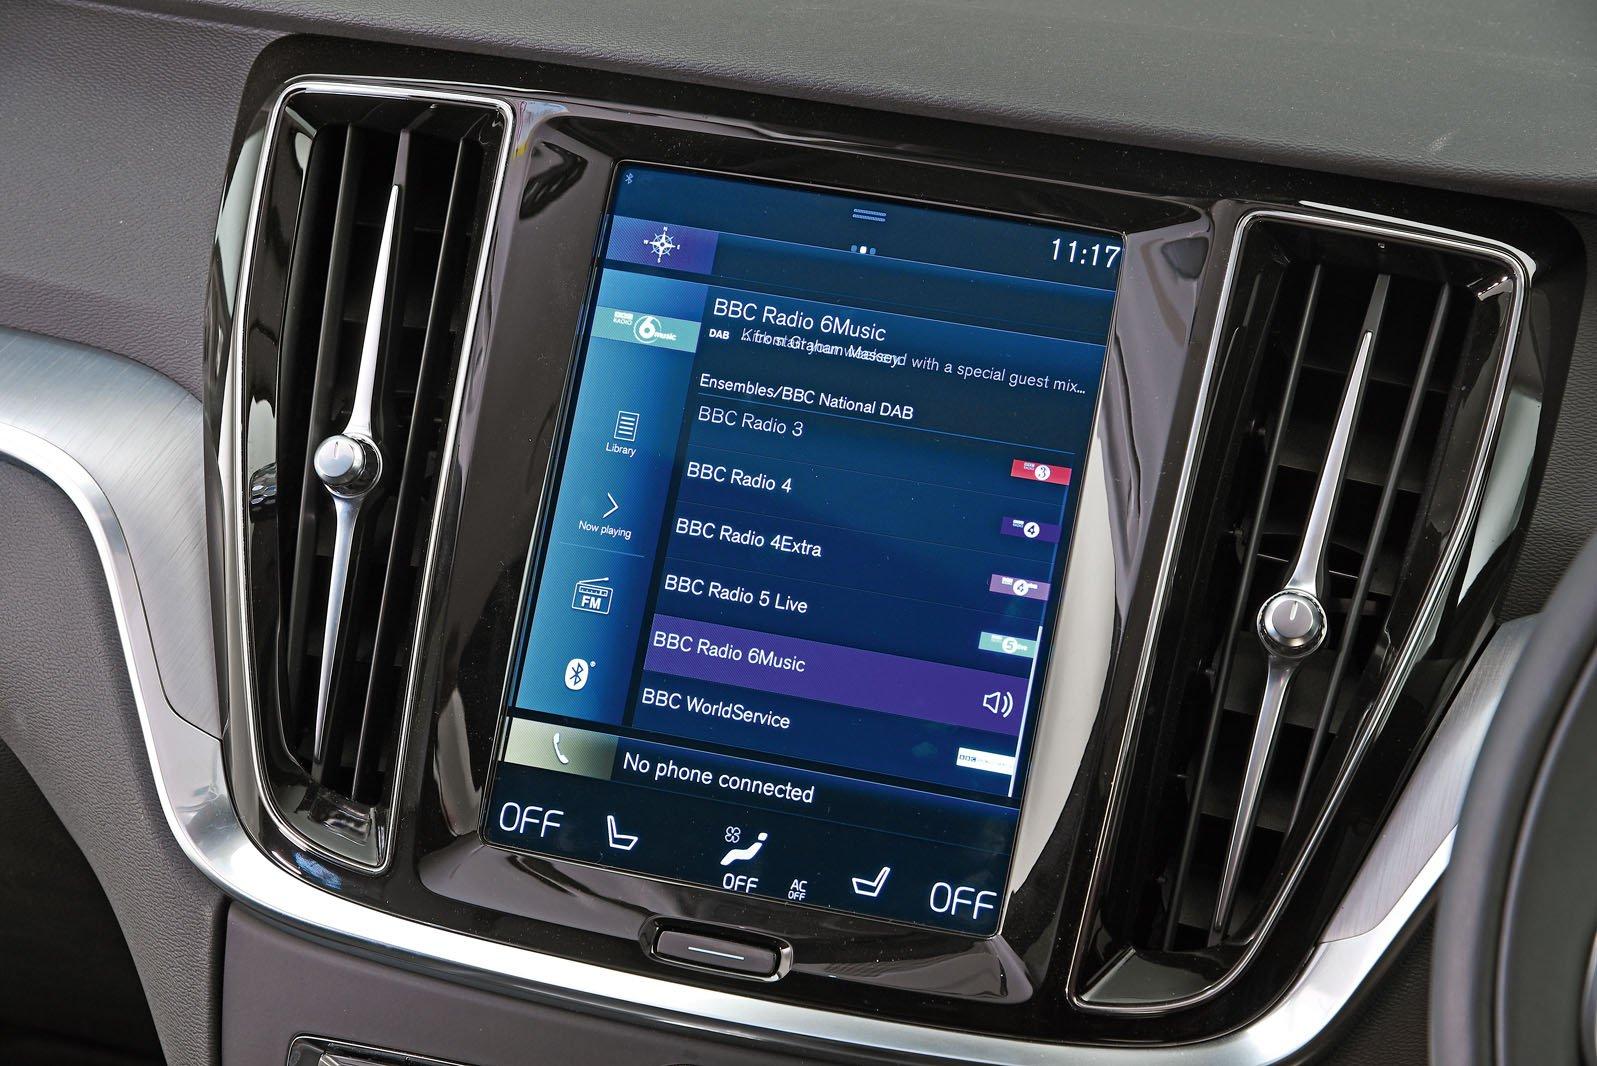 Volvo V60 infotainment